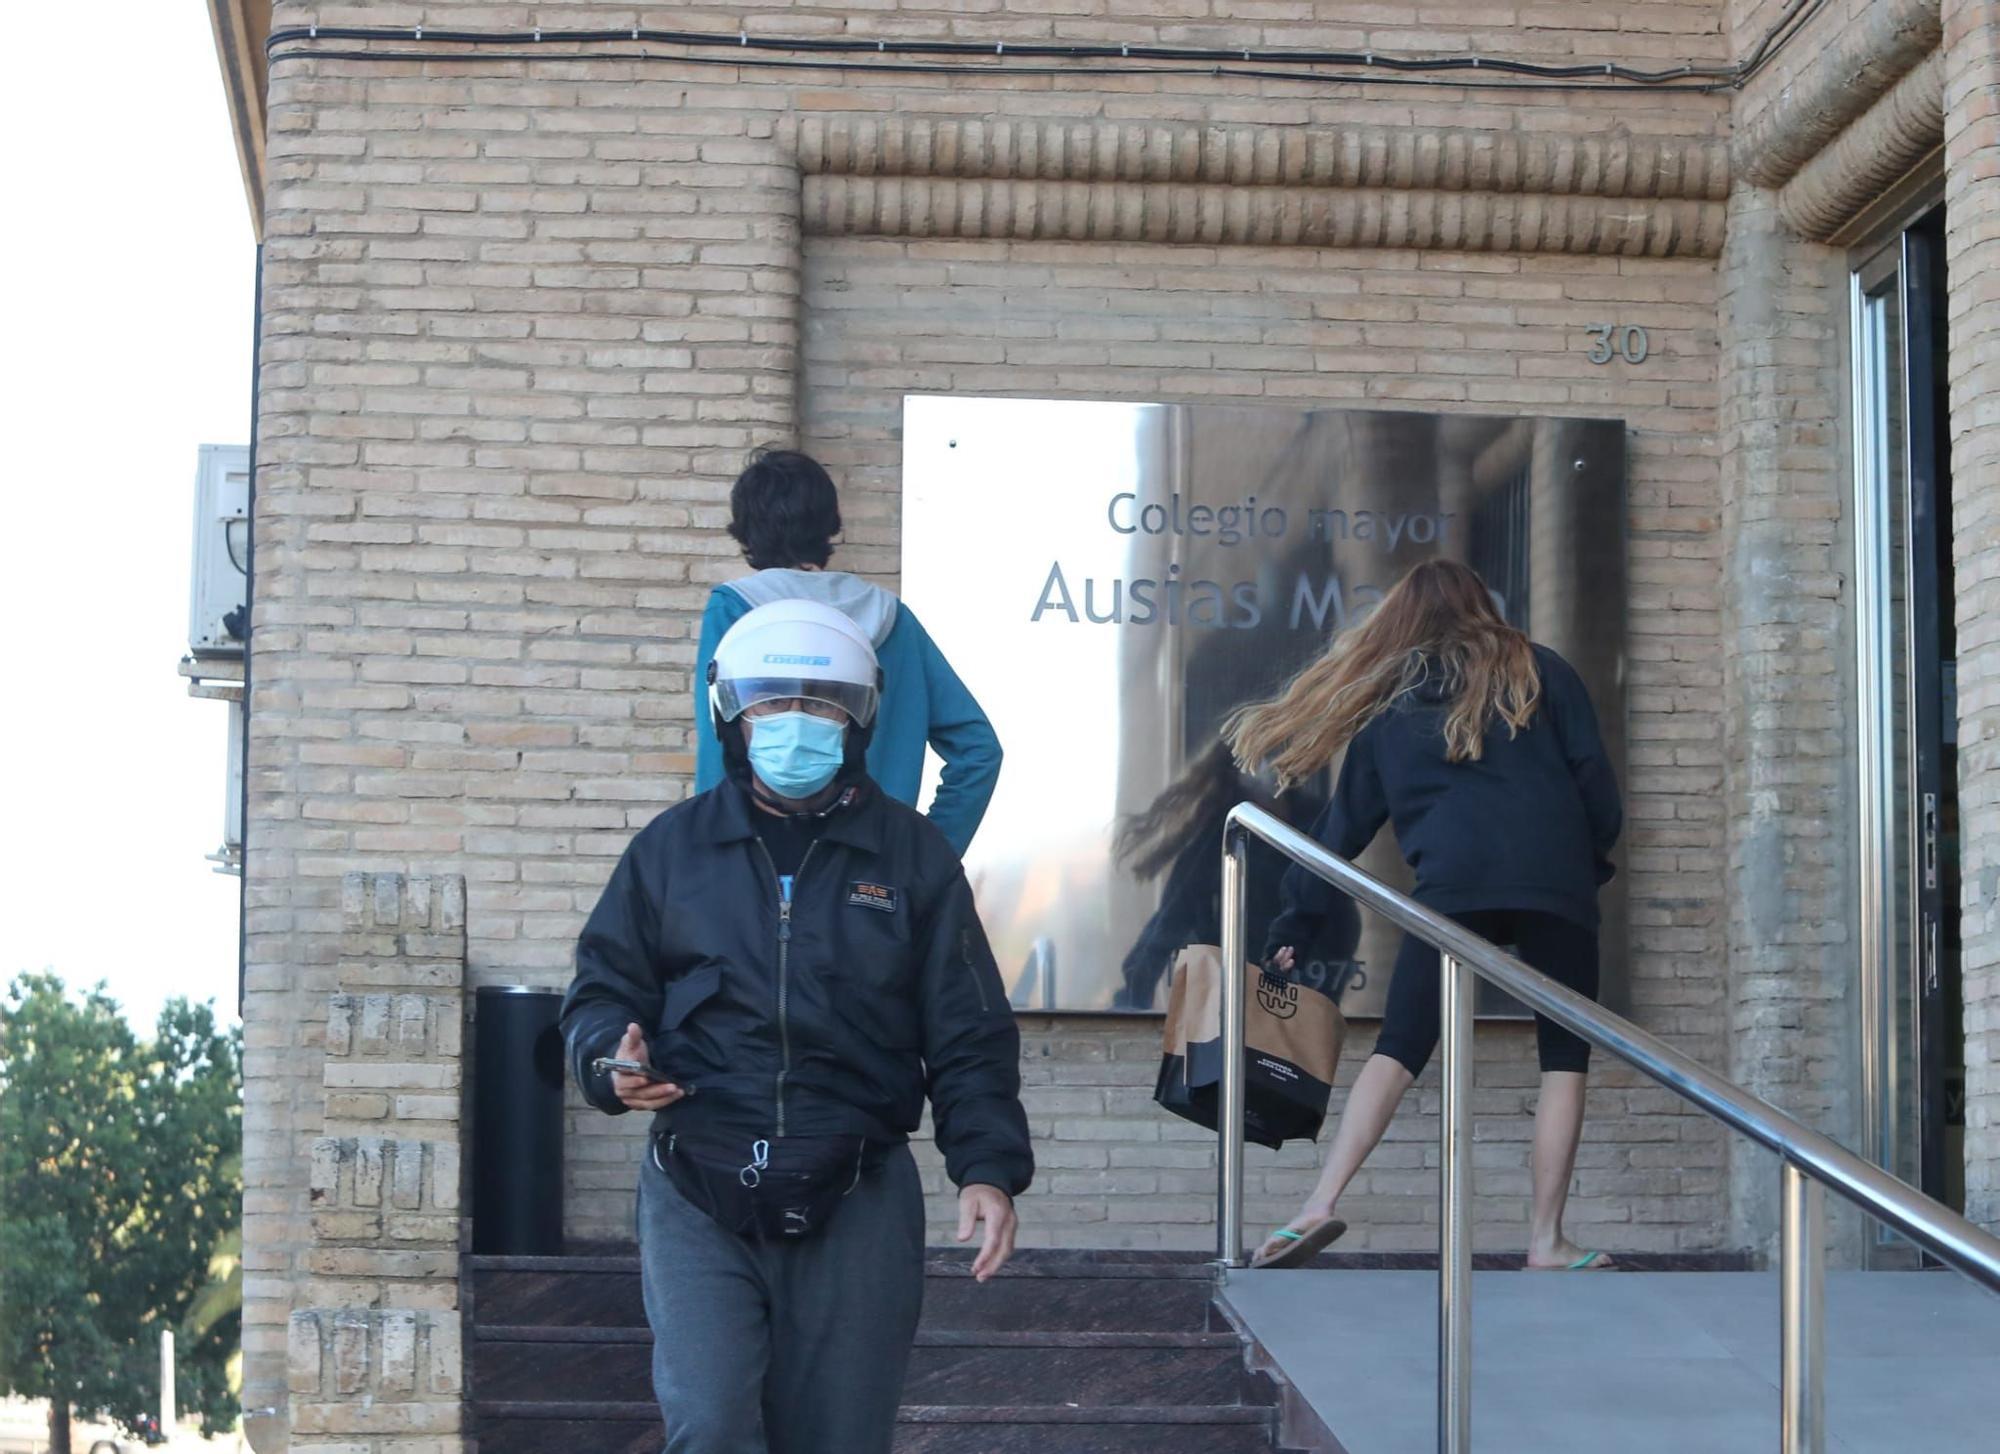 Un macrobrote de 72 contagios en la residencia Ausiàs March de València